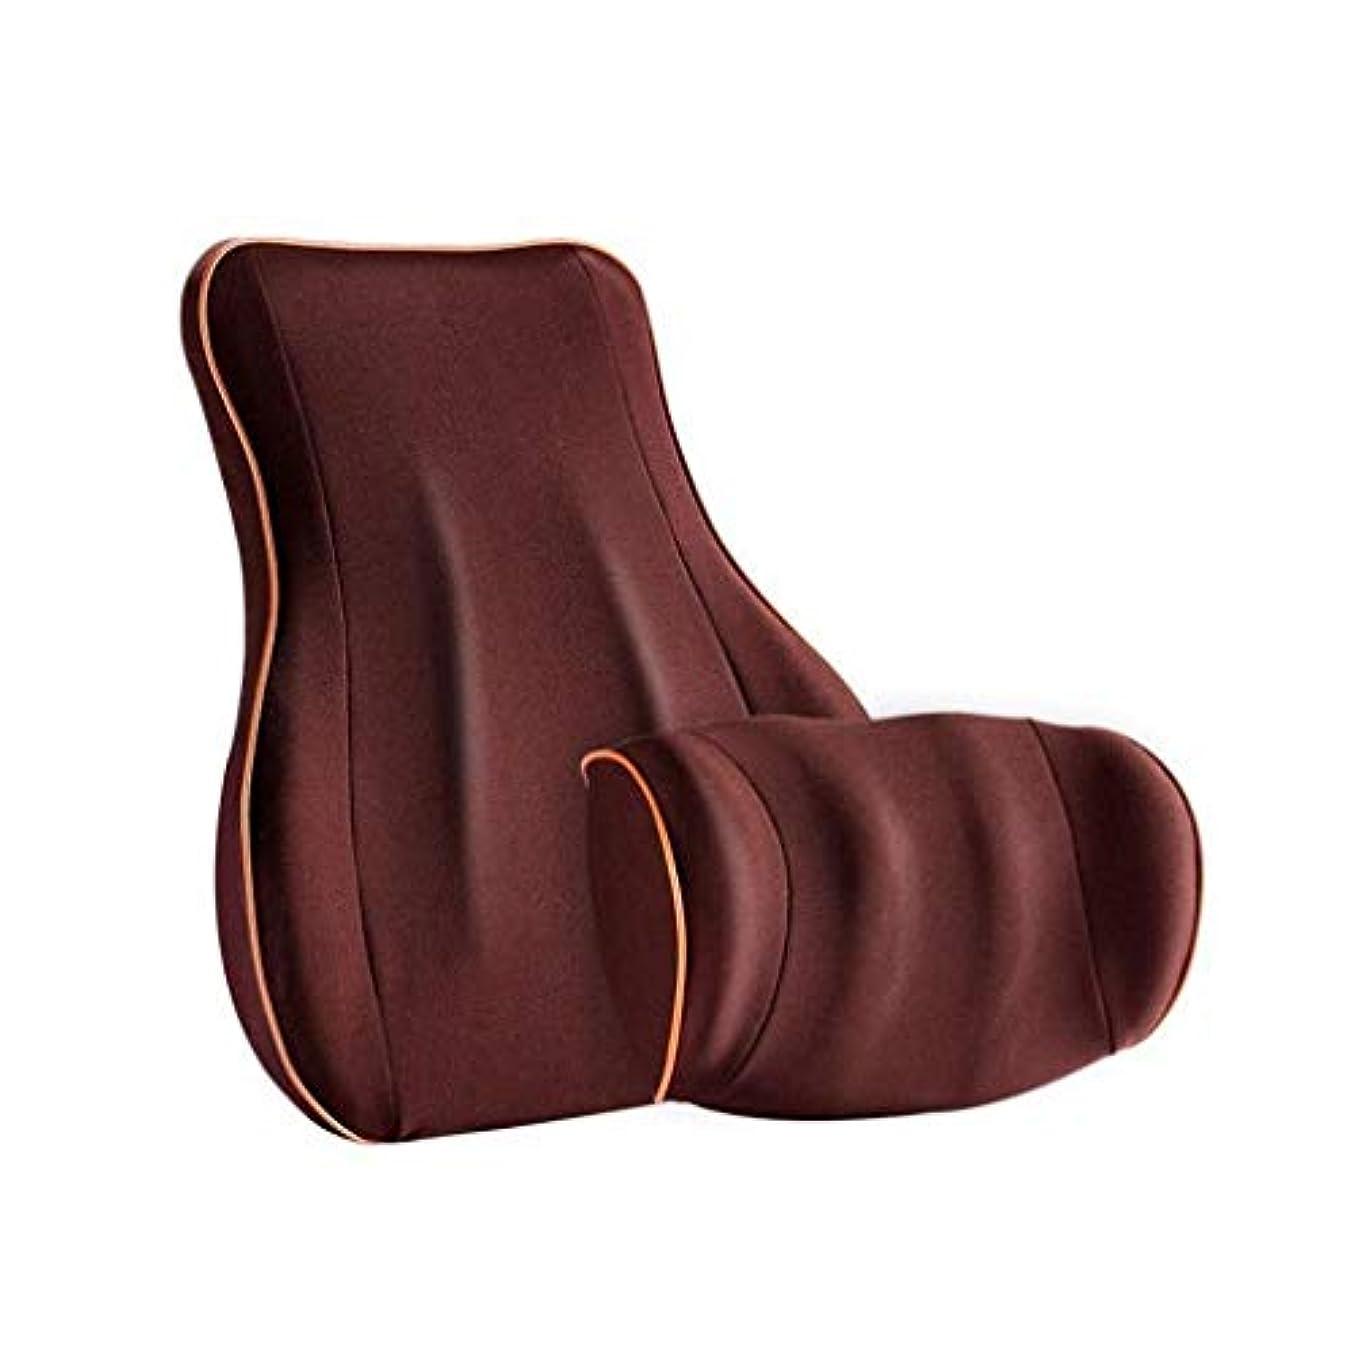 爬虫類直立チャップ腰椎枕と首の枕、腰椎サポート枕低反発コットン、人間工学に基づいた低反発フォームのデザイン、腰と首の疲れや痛みを軽減?防止する、長距離運転オフィスに最適 (Color : Brown)